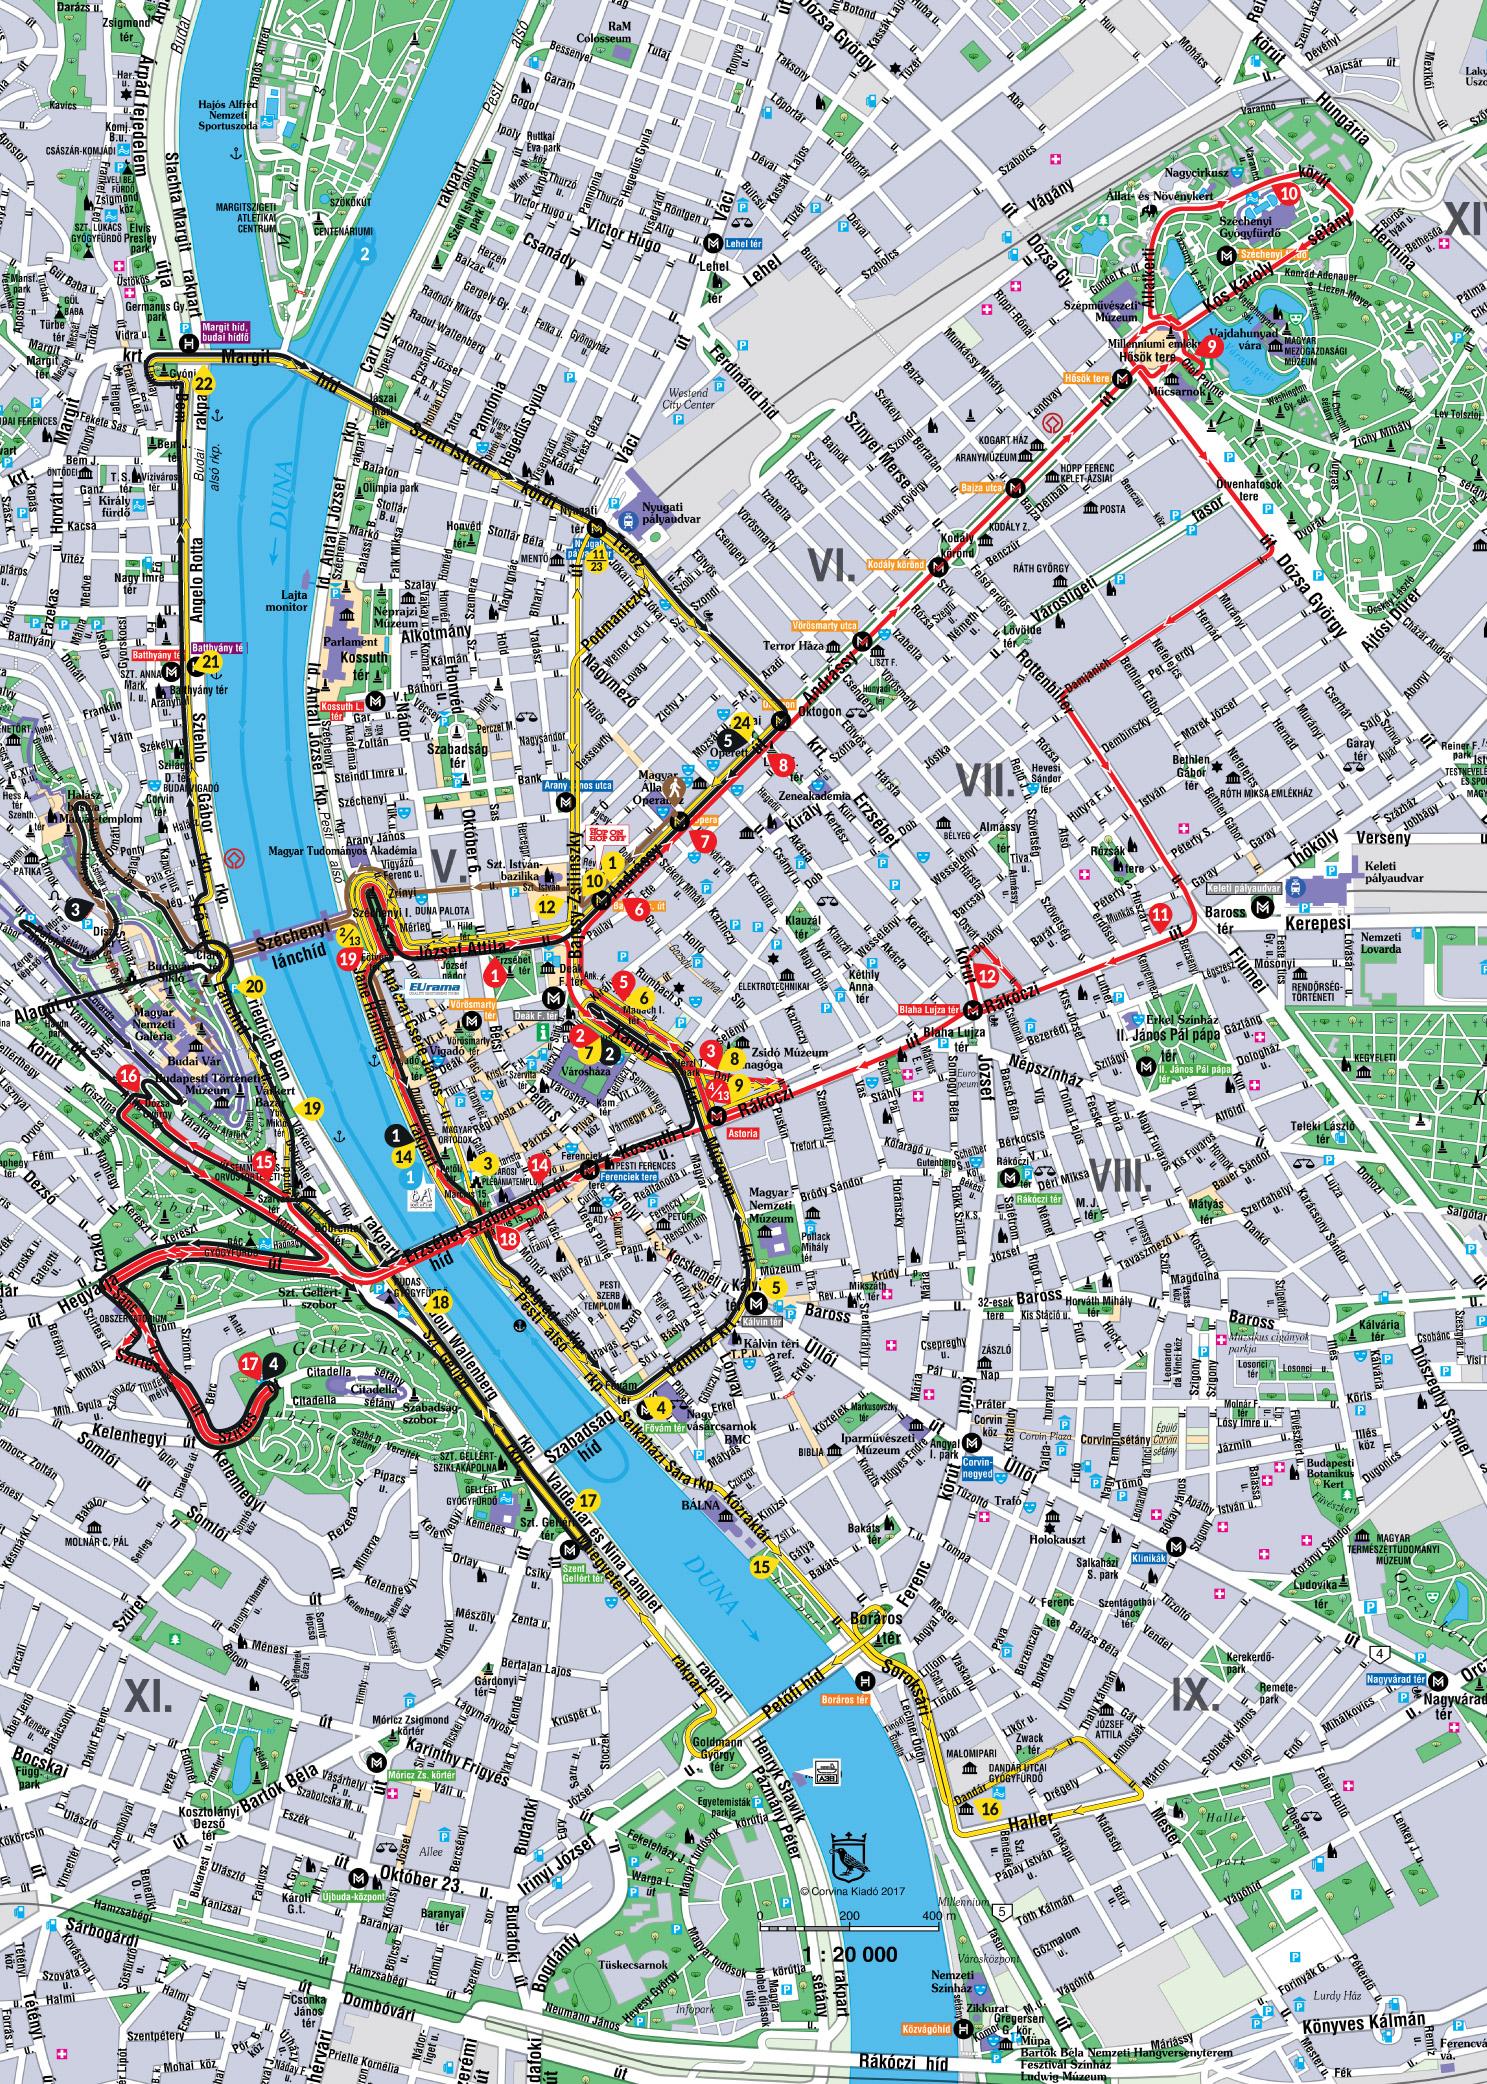 布达佩斯 地图